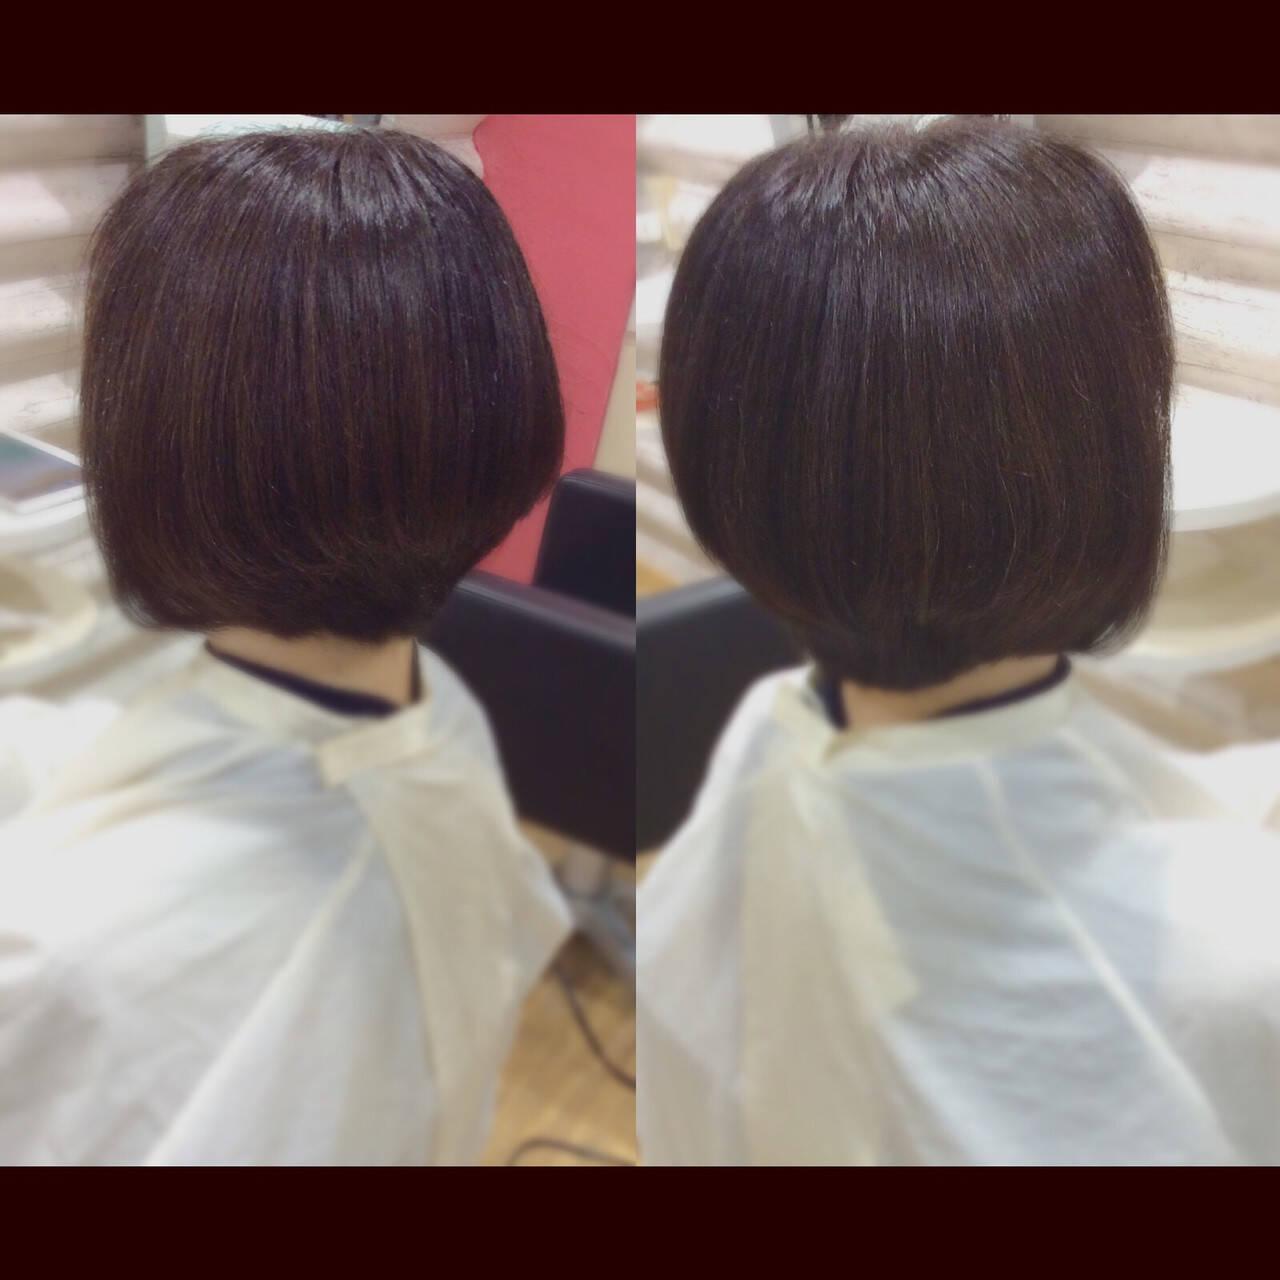 ミニボブ ボブ 髪質改善トリートメント 髪質改善カラーヘアスタイルや髪型の写真・画像